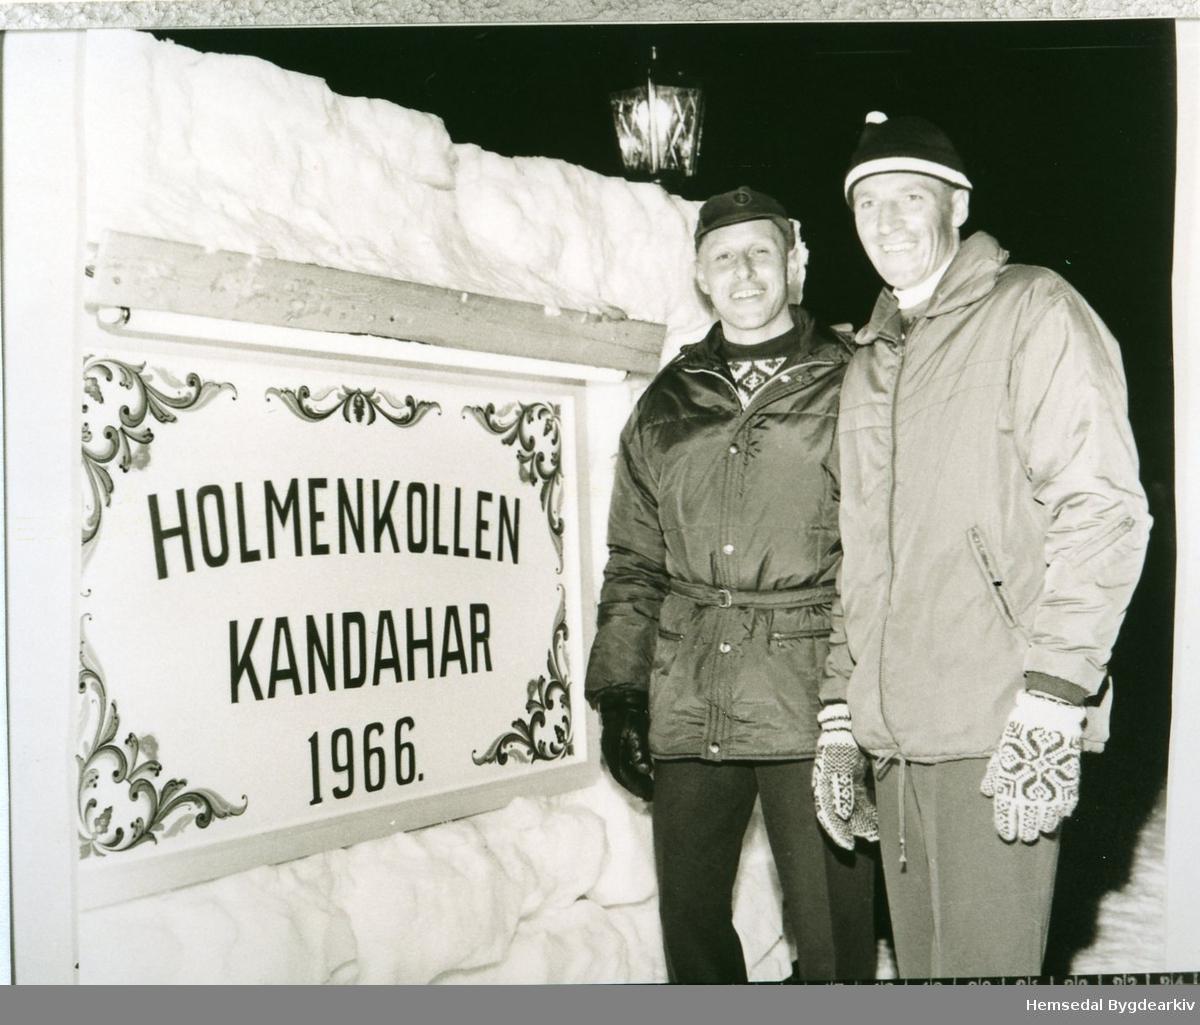 """Frå venstre: Arild Smith Kielland og Olav Dokk. Smith Kielland var formann i """"Foreningen for skiidrettens fremme"""" som var medarrangør i Holmenkollen Kandahar-rennet i 1966 i Hemsedal skiheiser."""